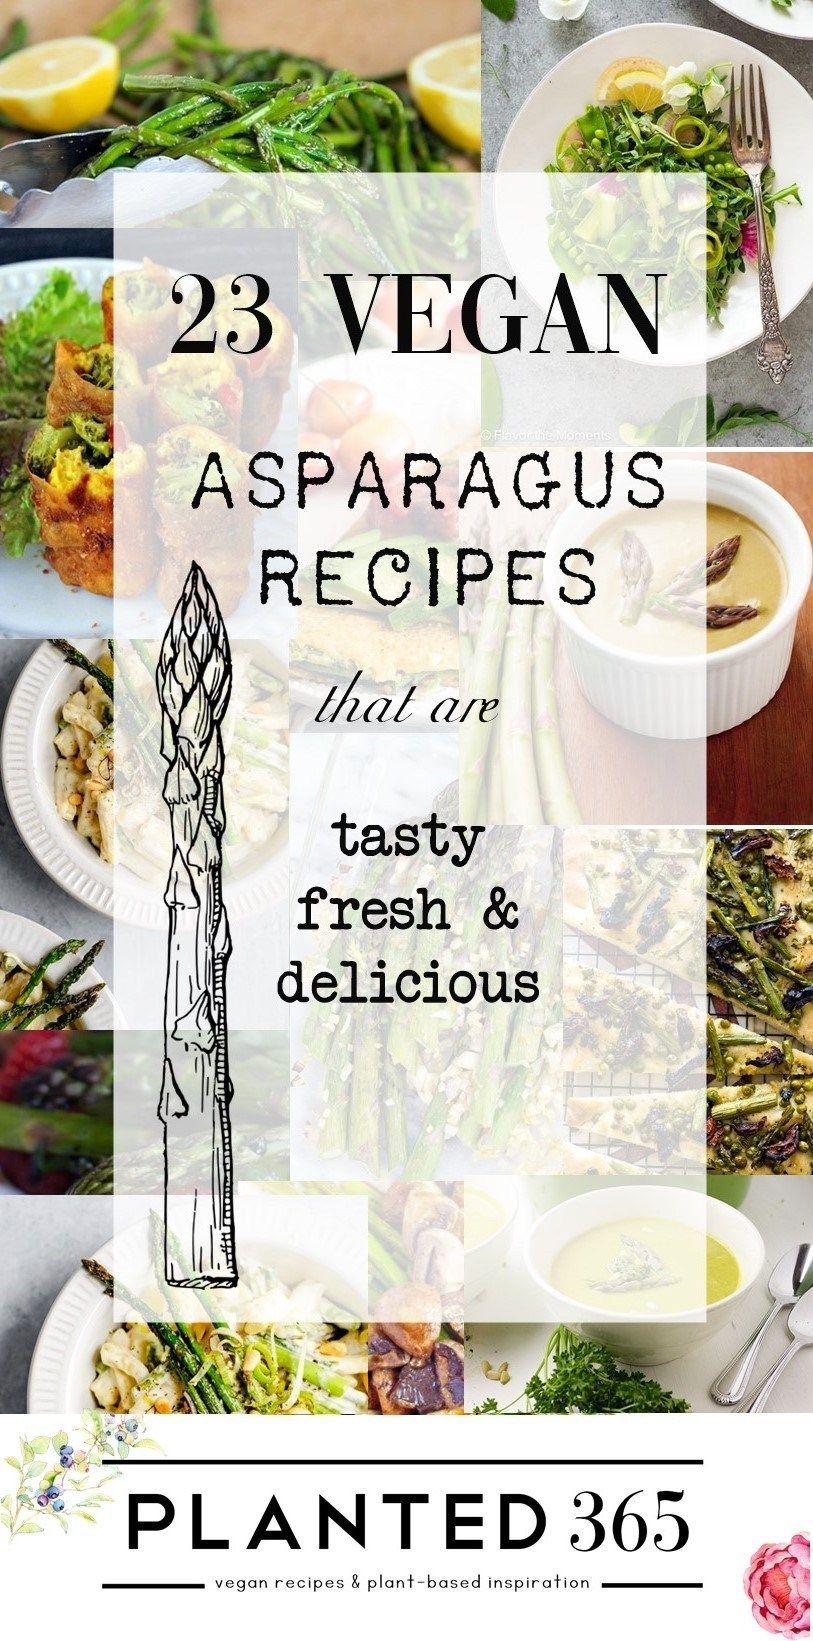 23 Vegan Asparagus Recipes Tasty Fresh And Delcious Planted365 Vegan Asparagus Recipes Vegan Asparagus Recipes Asparagus Recipe Vegan Recipes Healthy